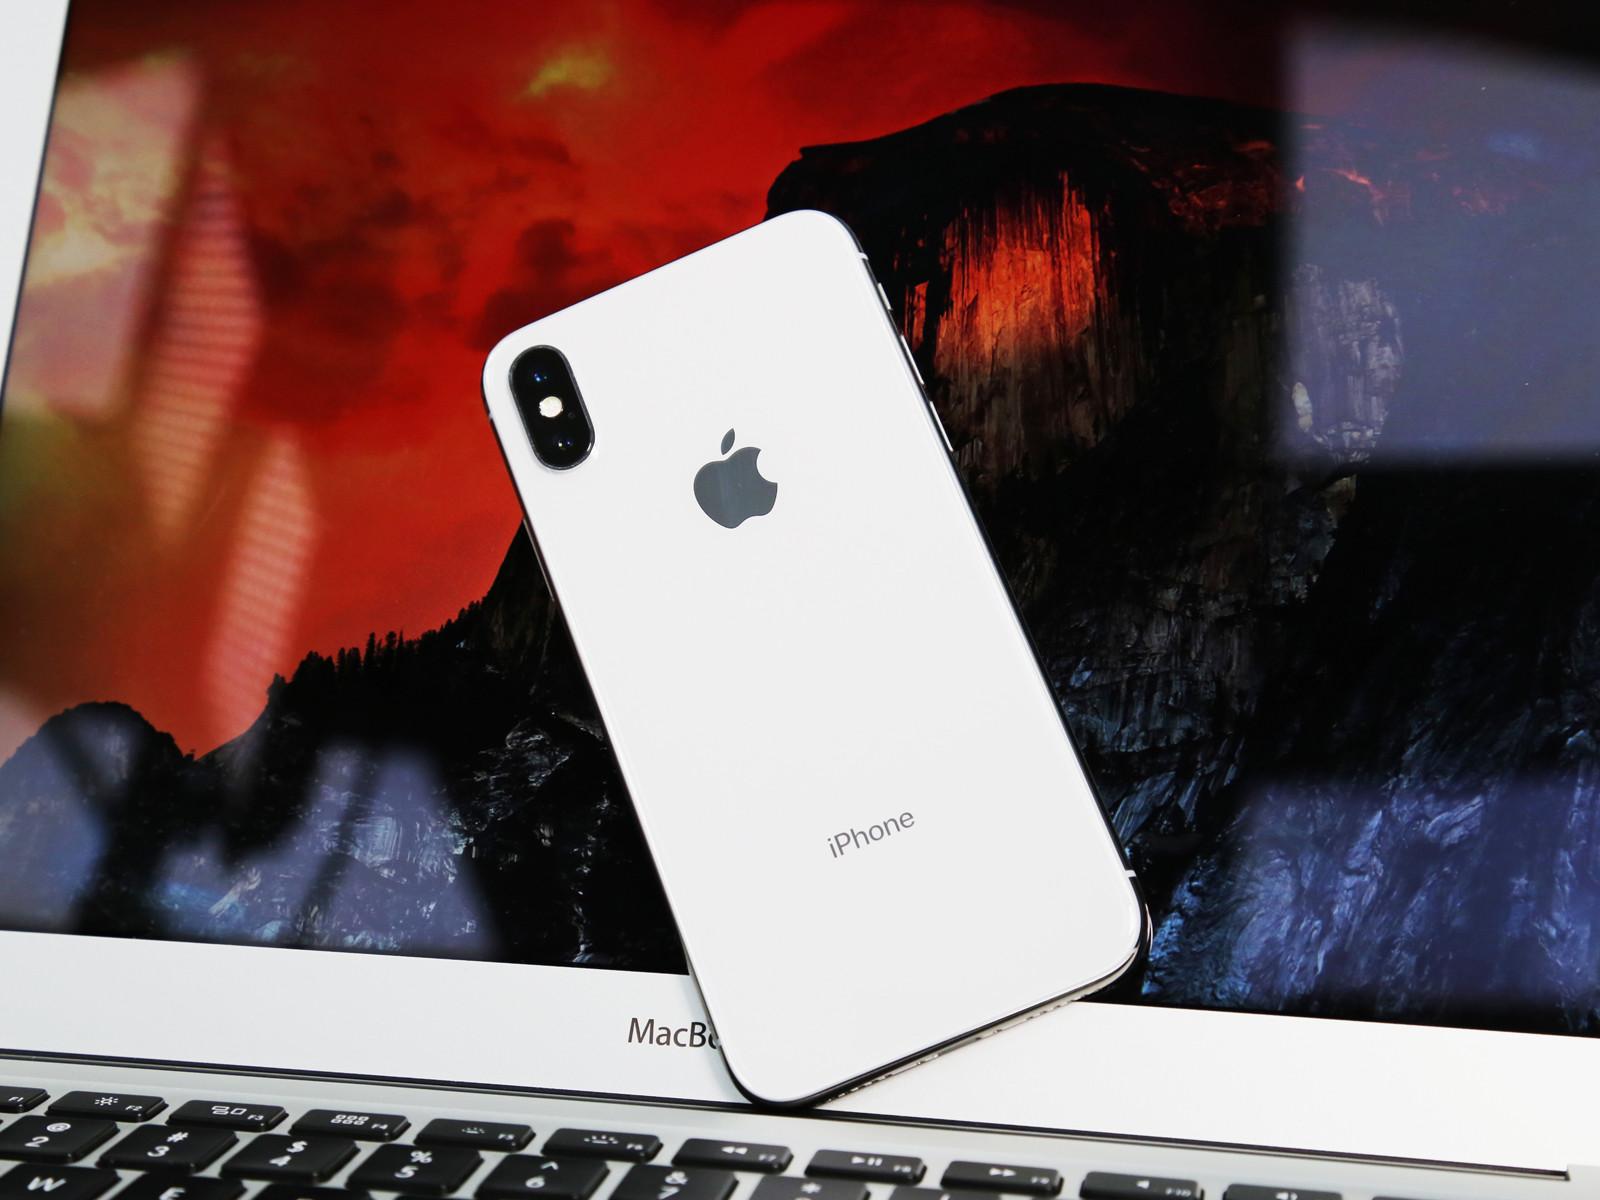 苹果iPhoneX(256GB)整体外观第2张